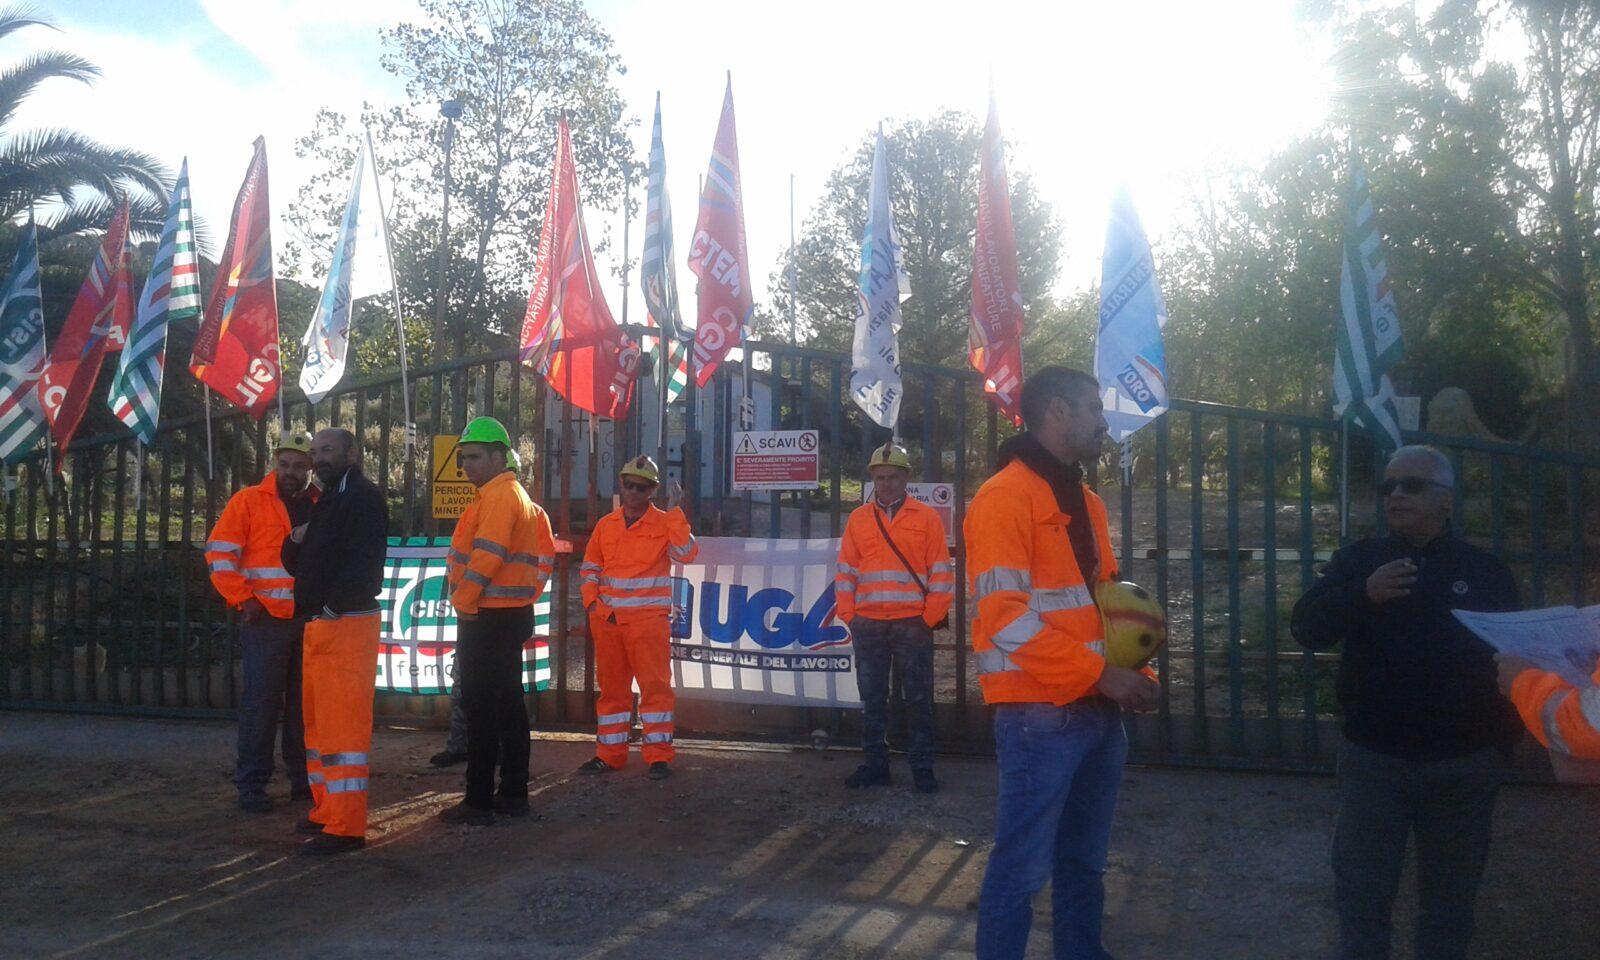 Filtcem-Cgil, Femca-Cisl e Ugl-Chimici nel corso del sit-in all'esterno dei cancelli della Miniera di bauxite di Olmedo